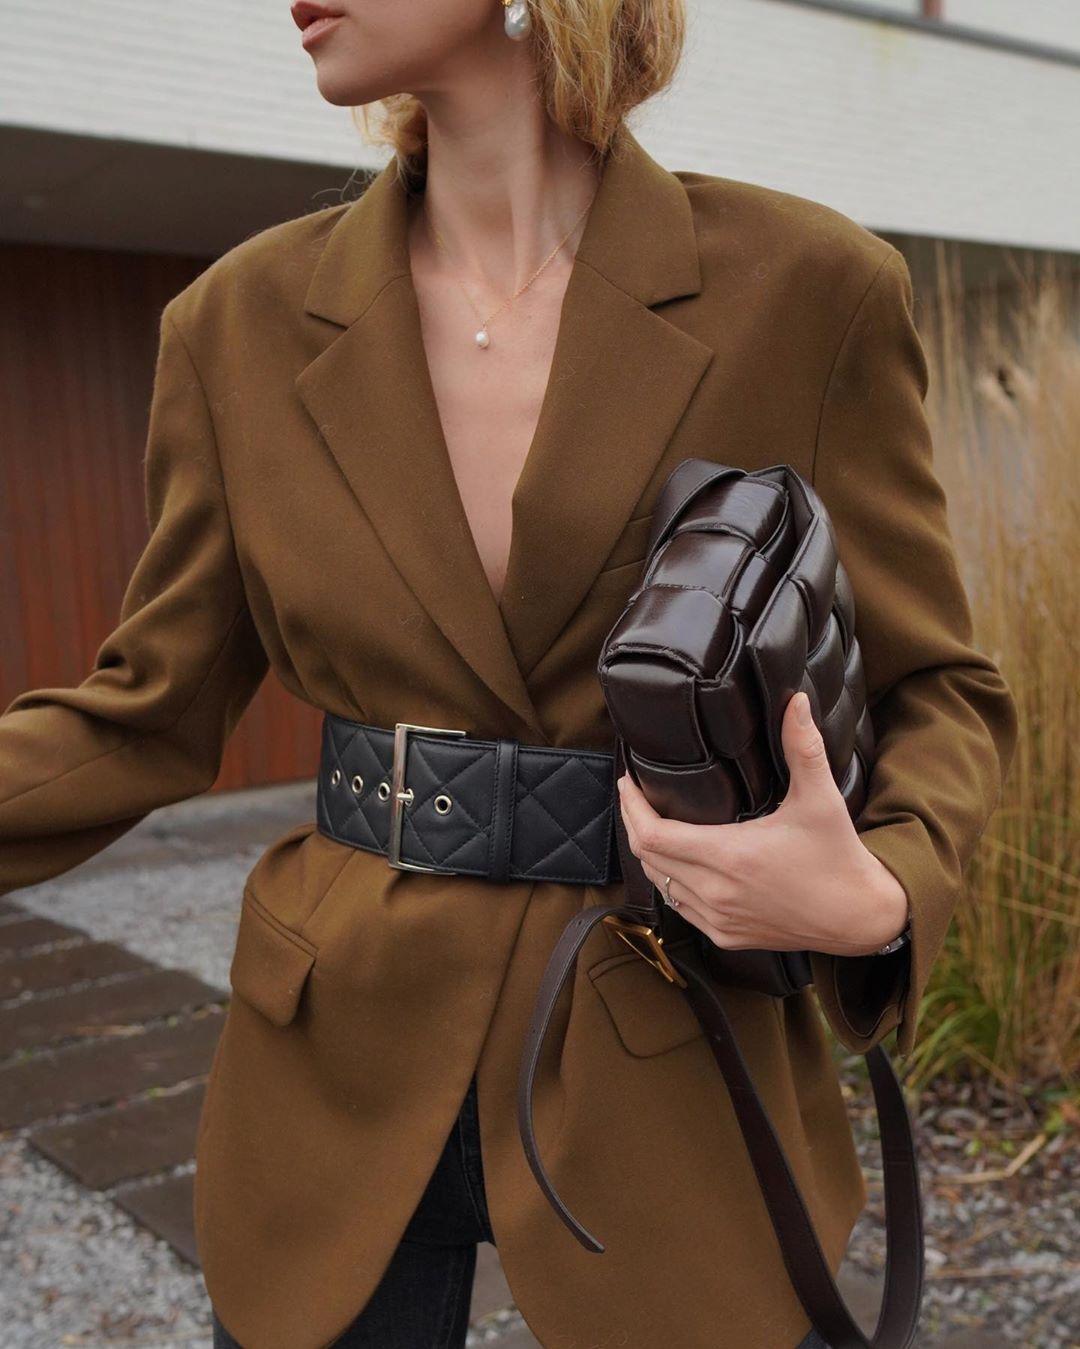 mặc đồ công sở áo blazer nâu thắt lưng đen